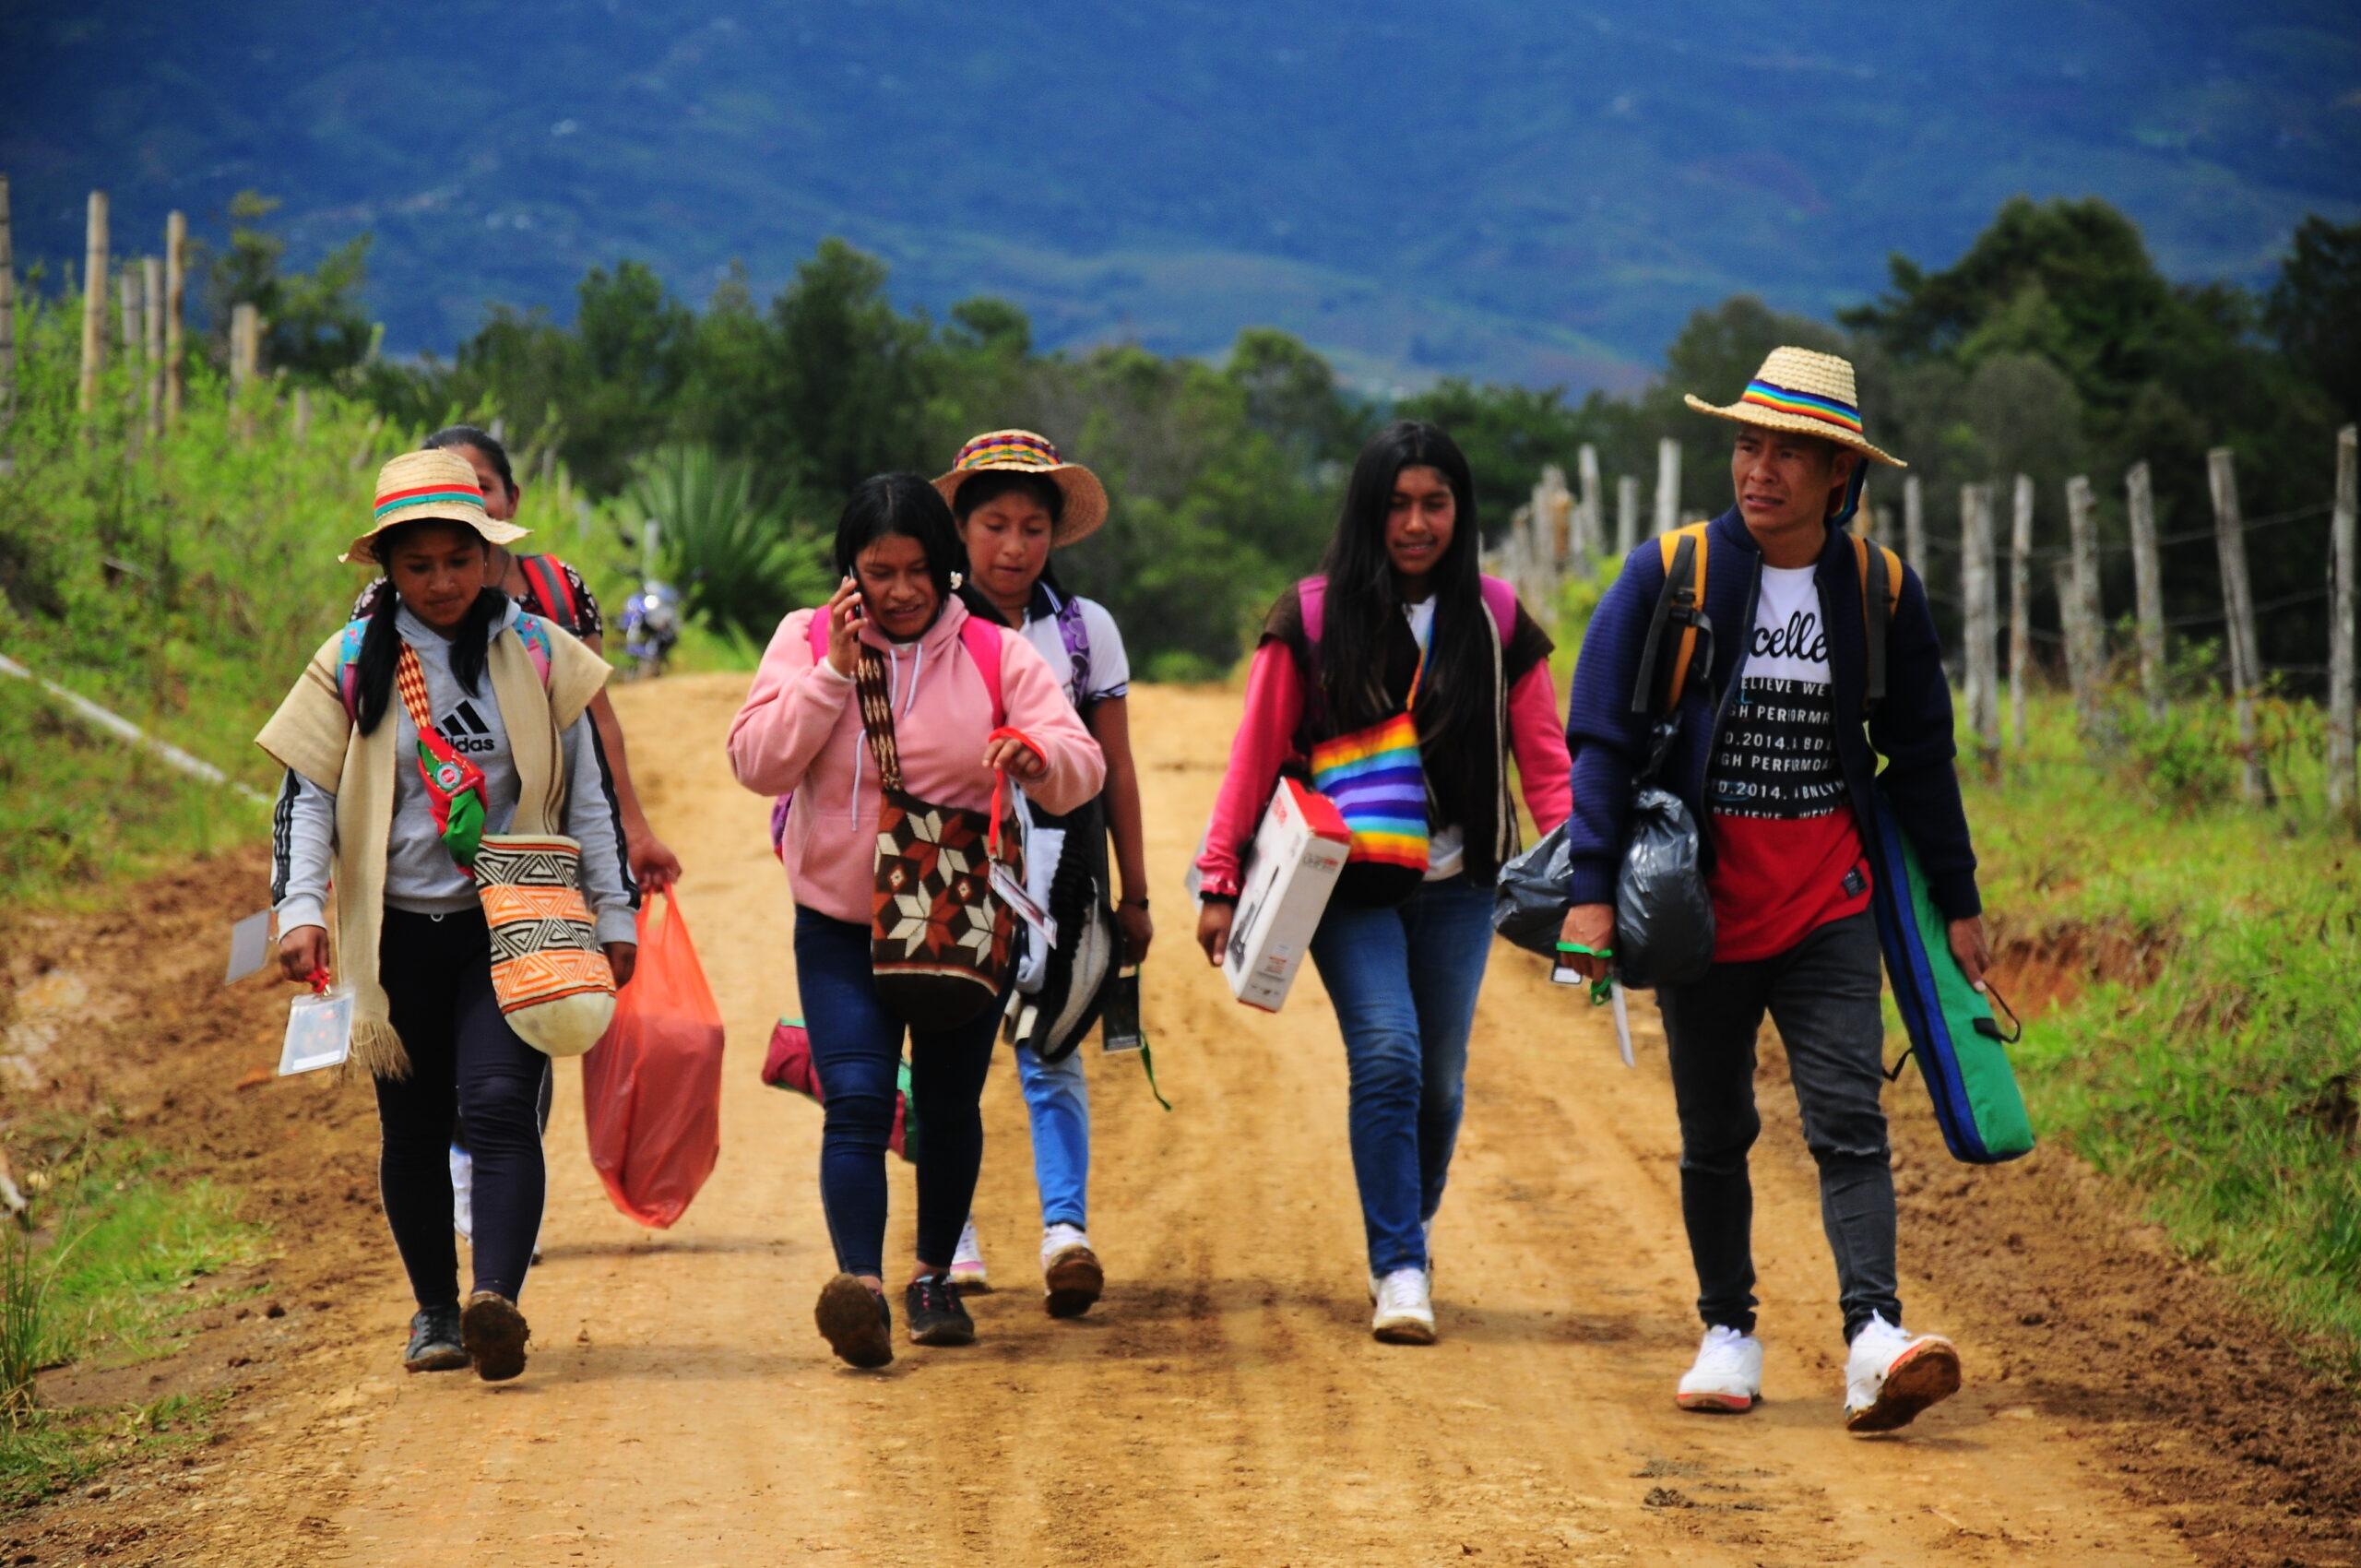 Más de 10 pueblos indígenas llegan al Pital: 50 años de resistencia CRIC